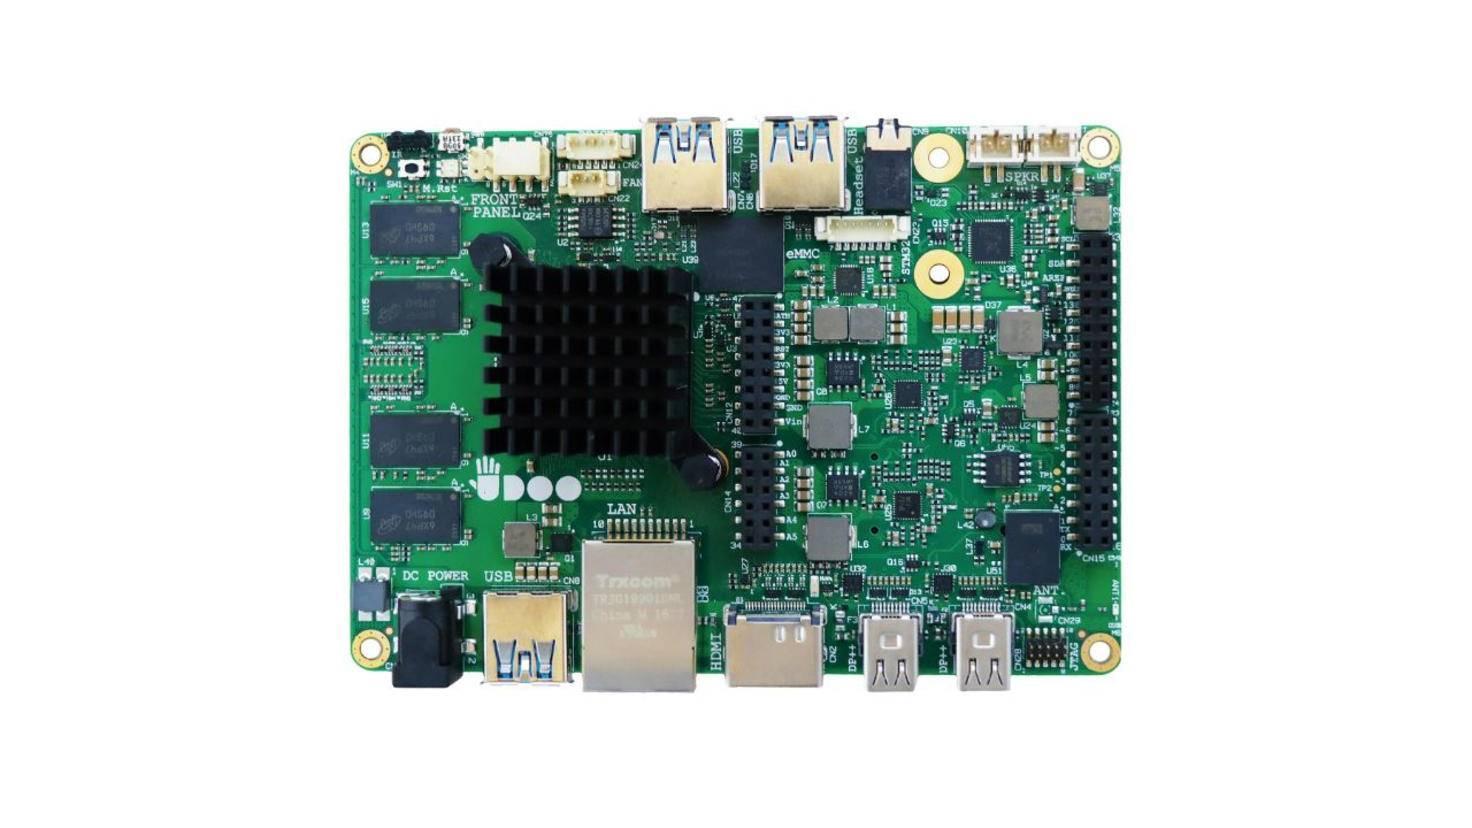 udoo-x86-ultra-einplatinencomputer